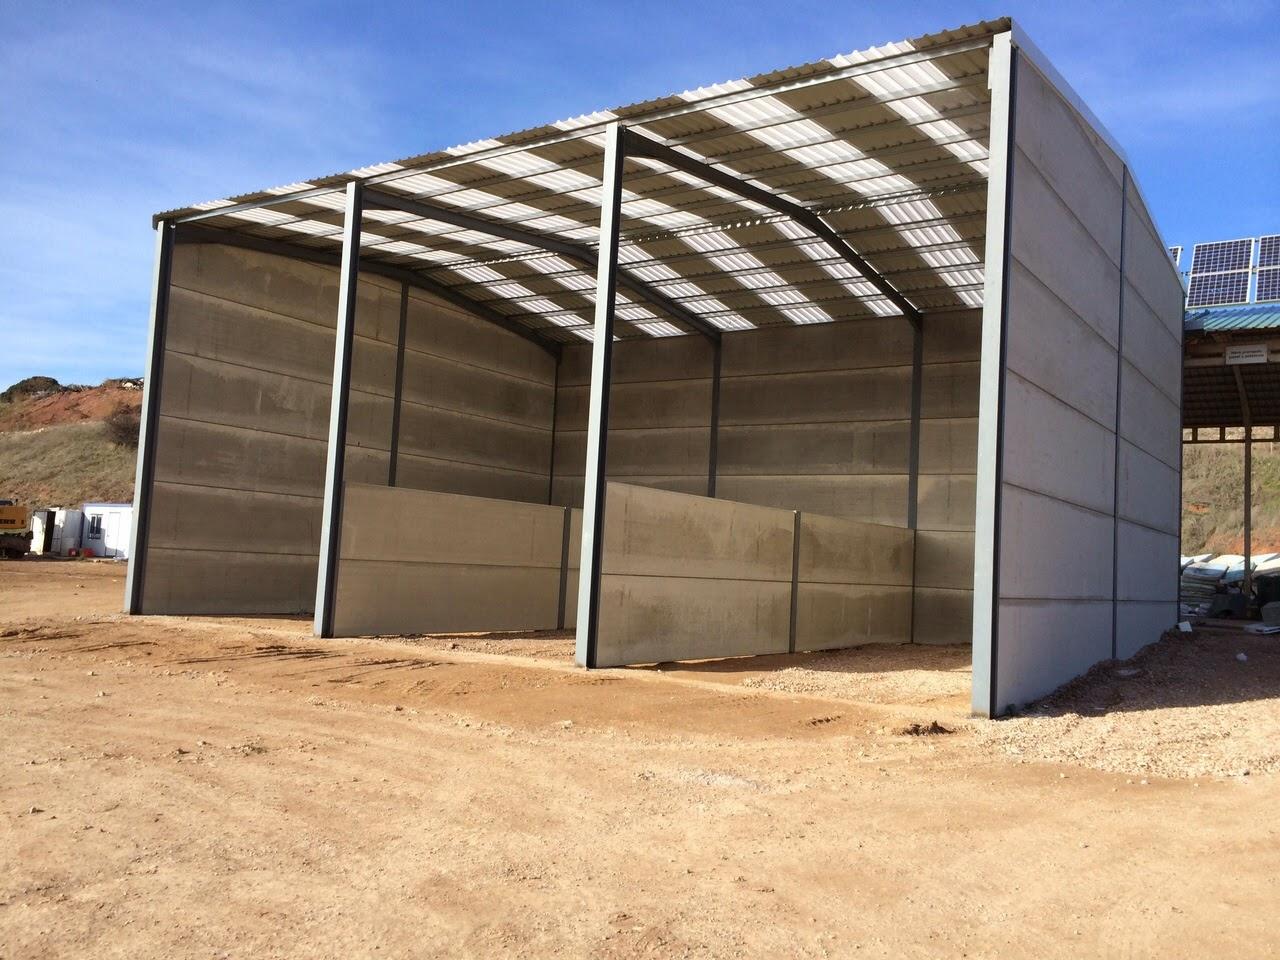 Establos establos prefabricados para el ganado establos for Cobertizos madera economicos